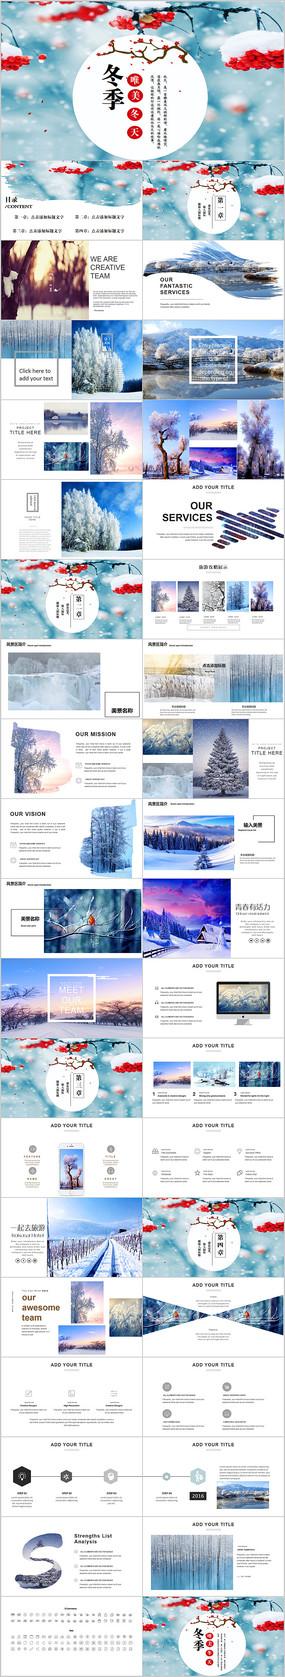 相约冬天冬季旅游相册PPT